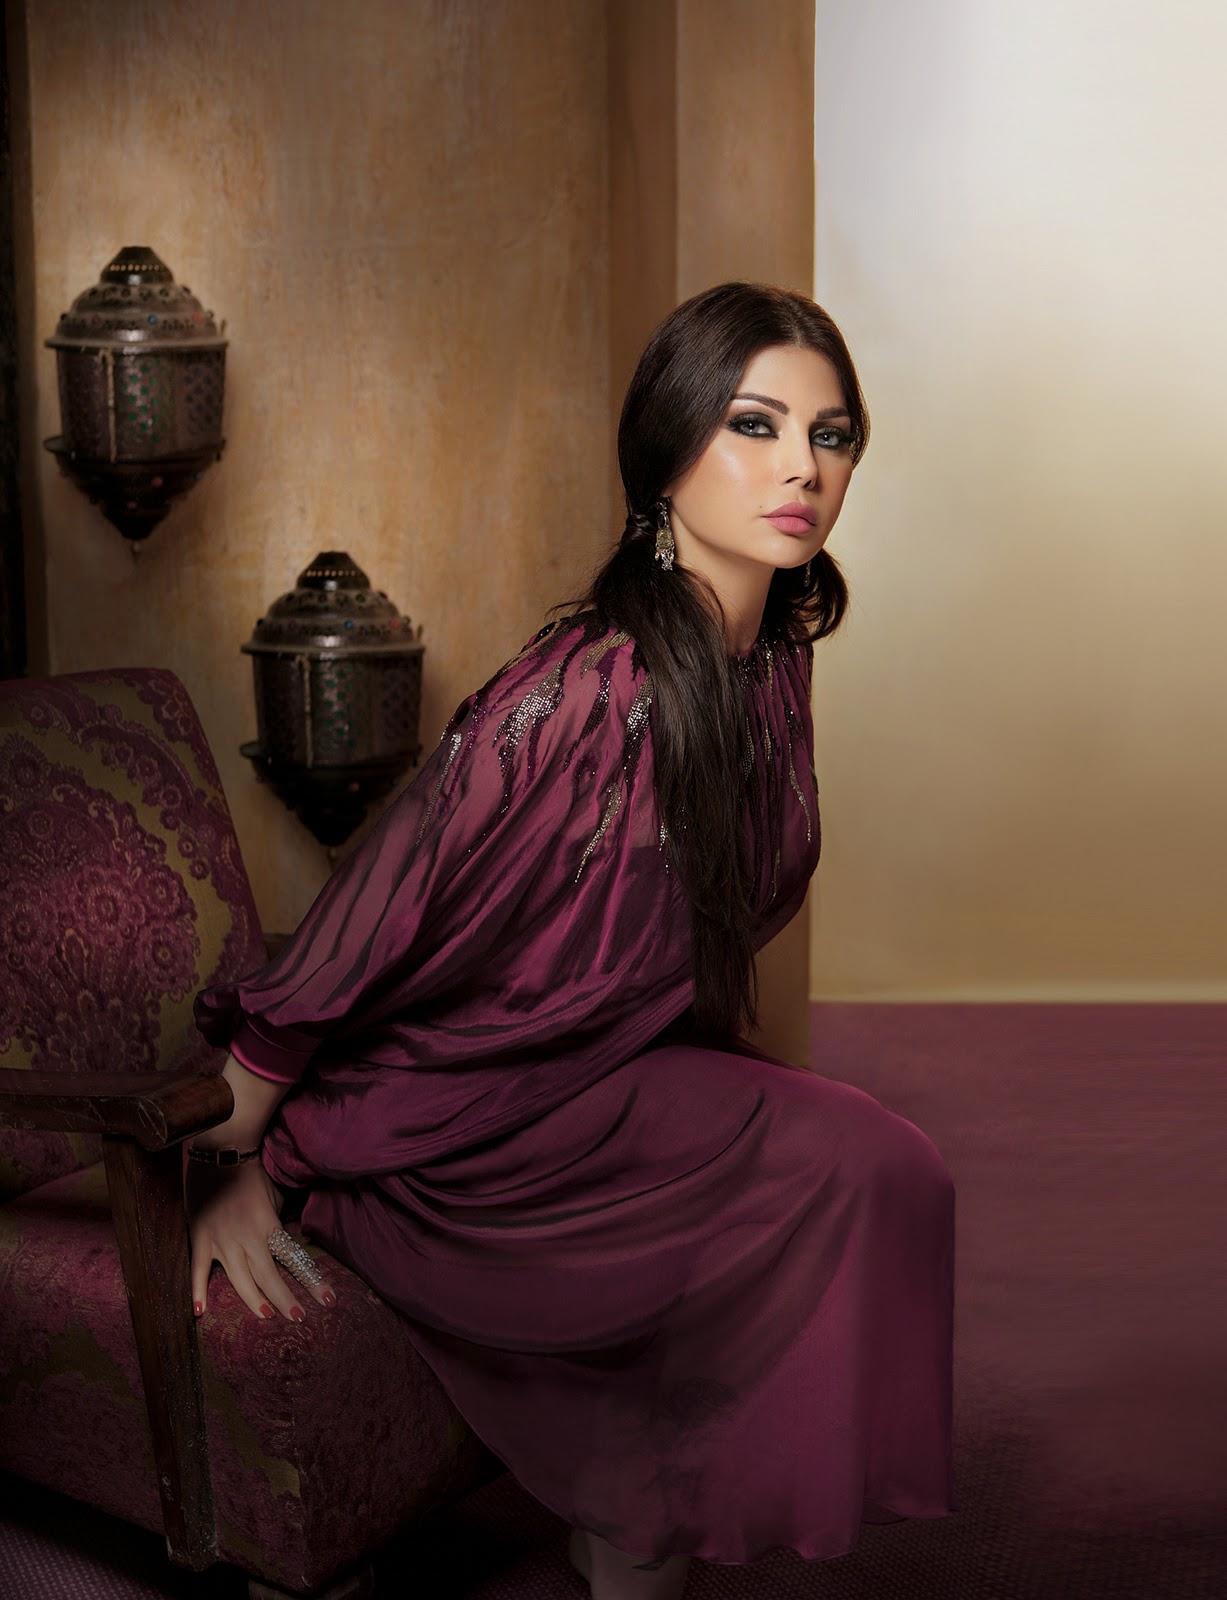 Foto hot hayfa wehbeh 72